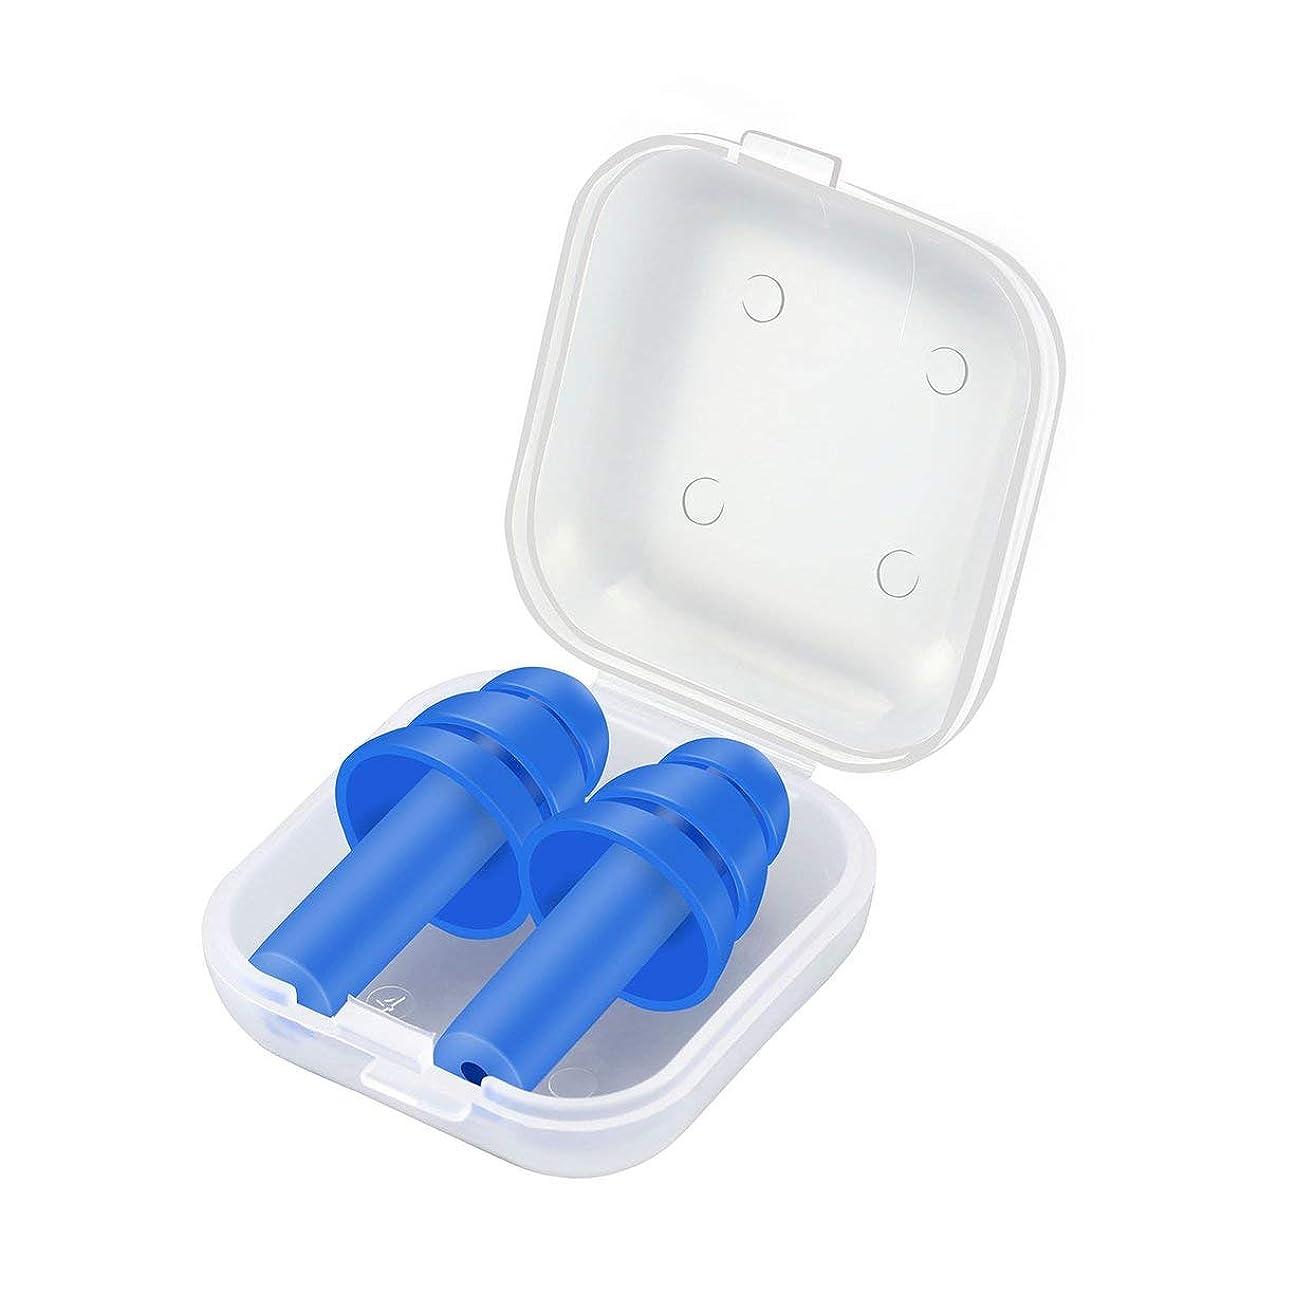 法令にぎやか指令ペアスパイラル便利なシリコーンの耳栓アンチノイズいびき耳栓睡眠用に快適ノイズ低減アクセサリー - ブルー